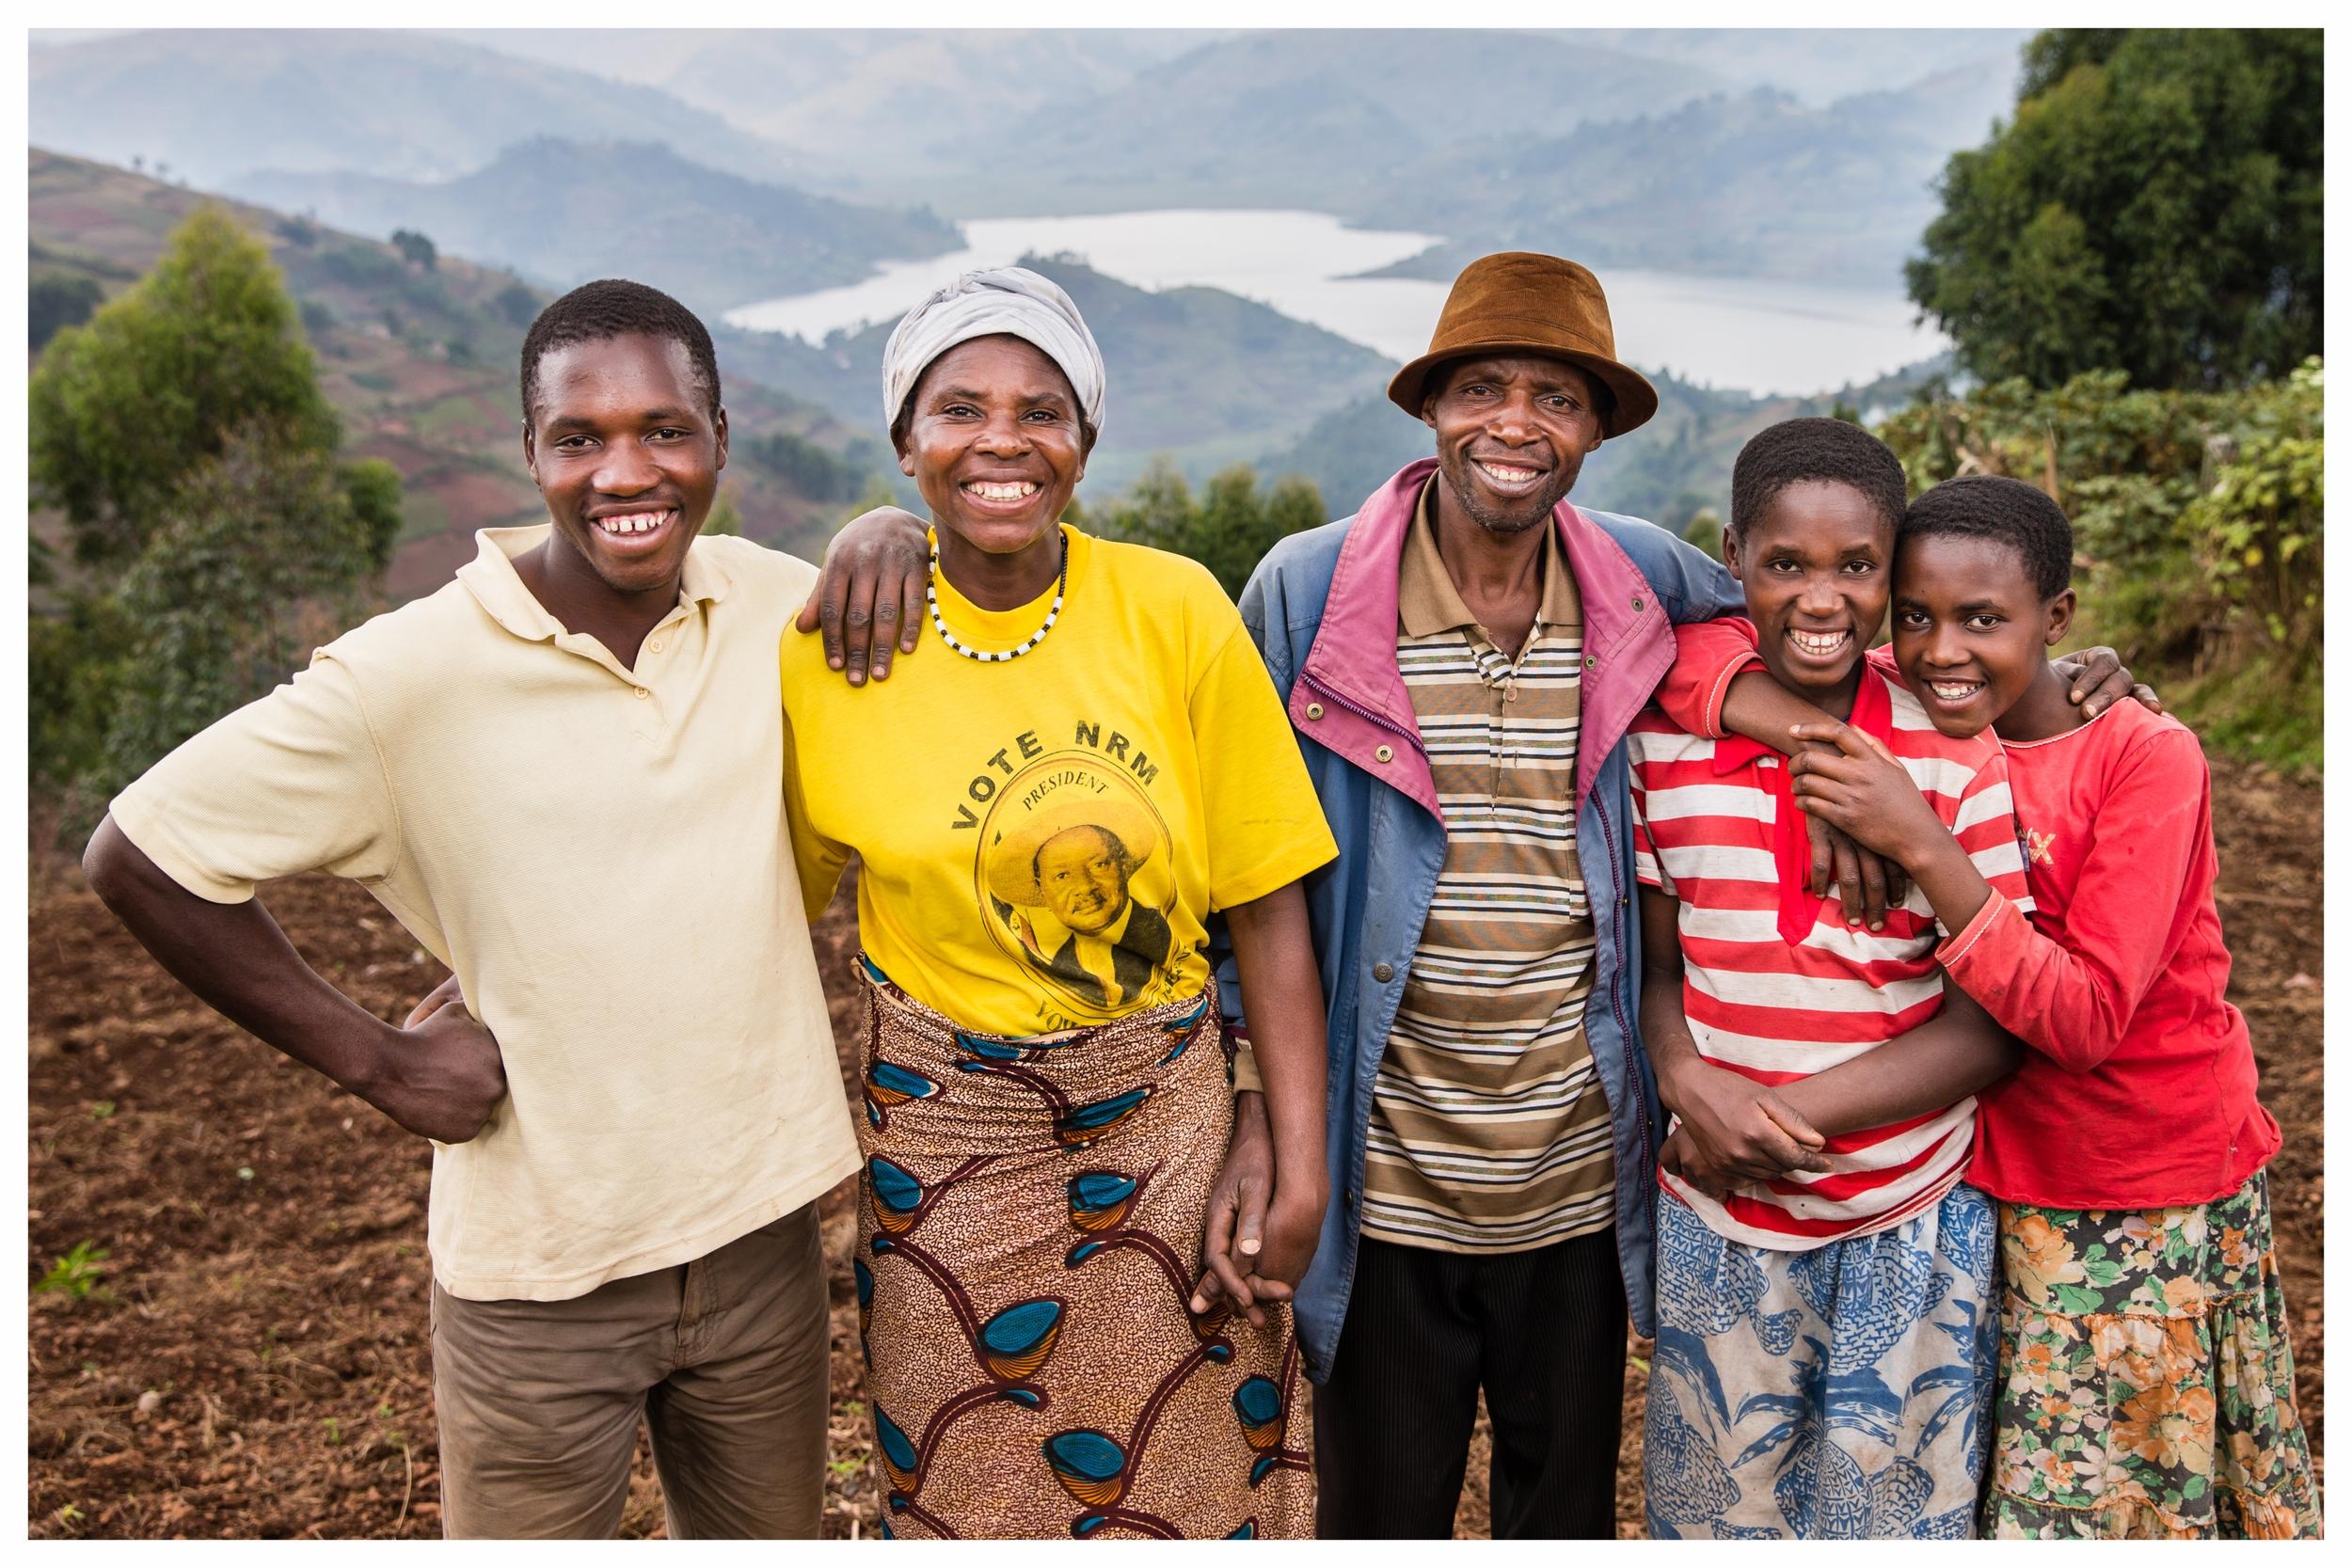 The Milton Byamukama Simon family, Kabale, southwest Uganda. Photo © Marcus Perkins